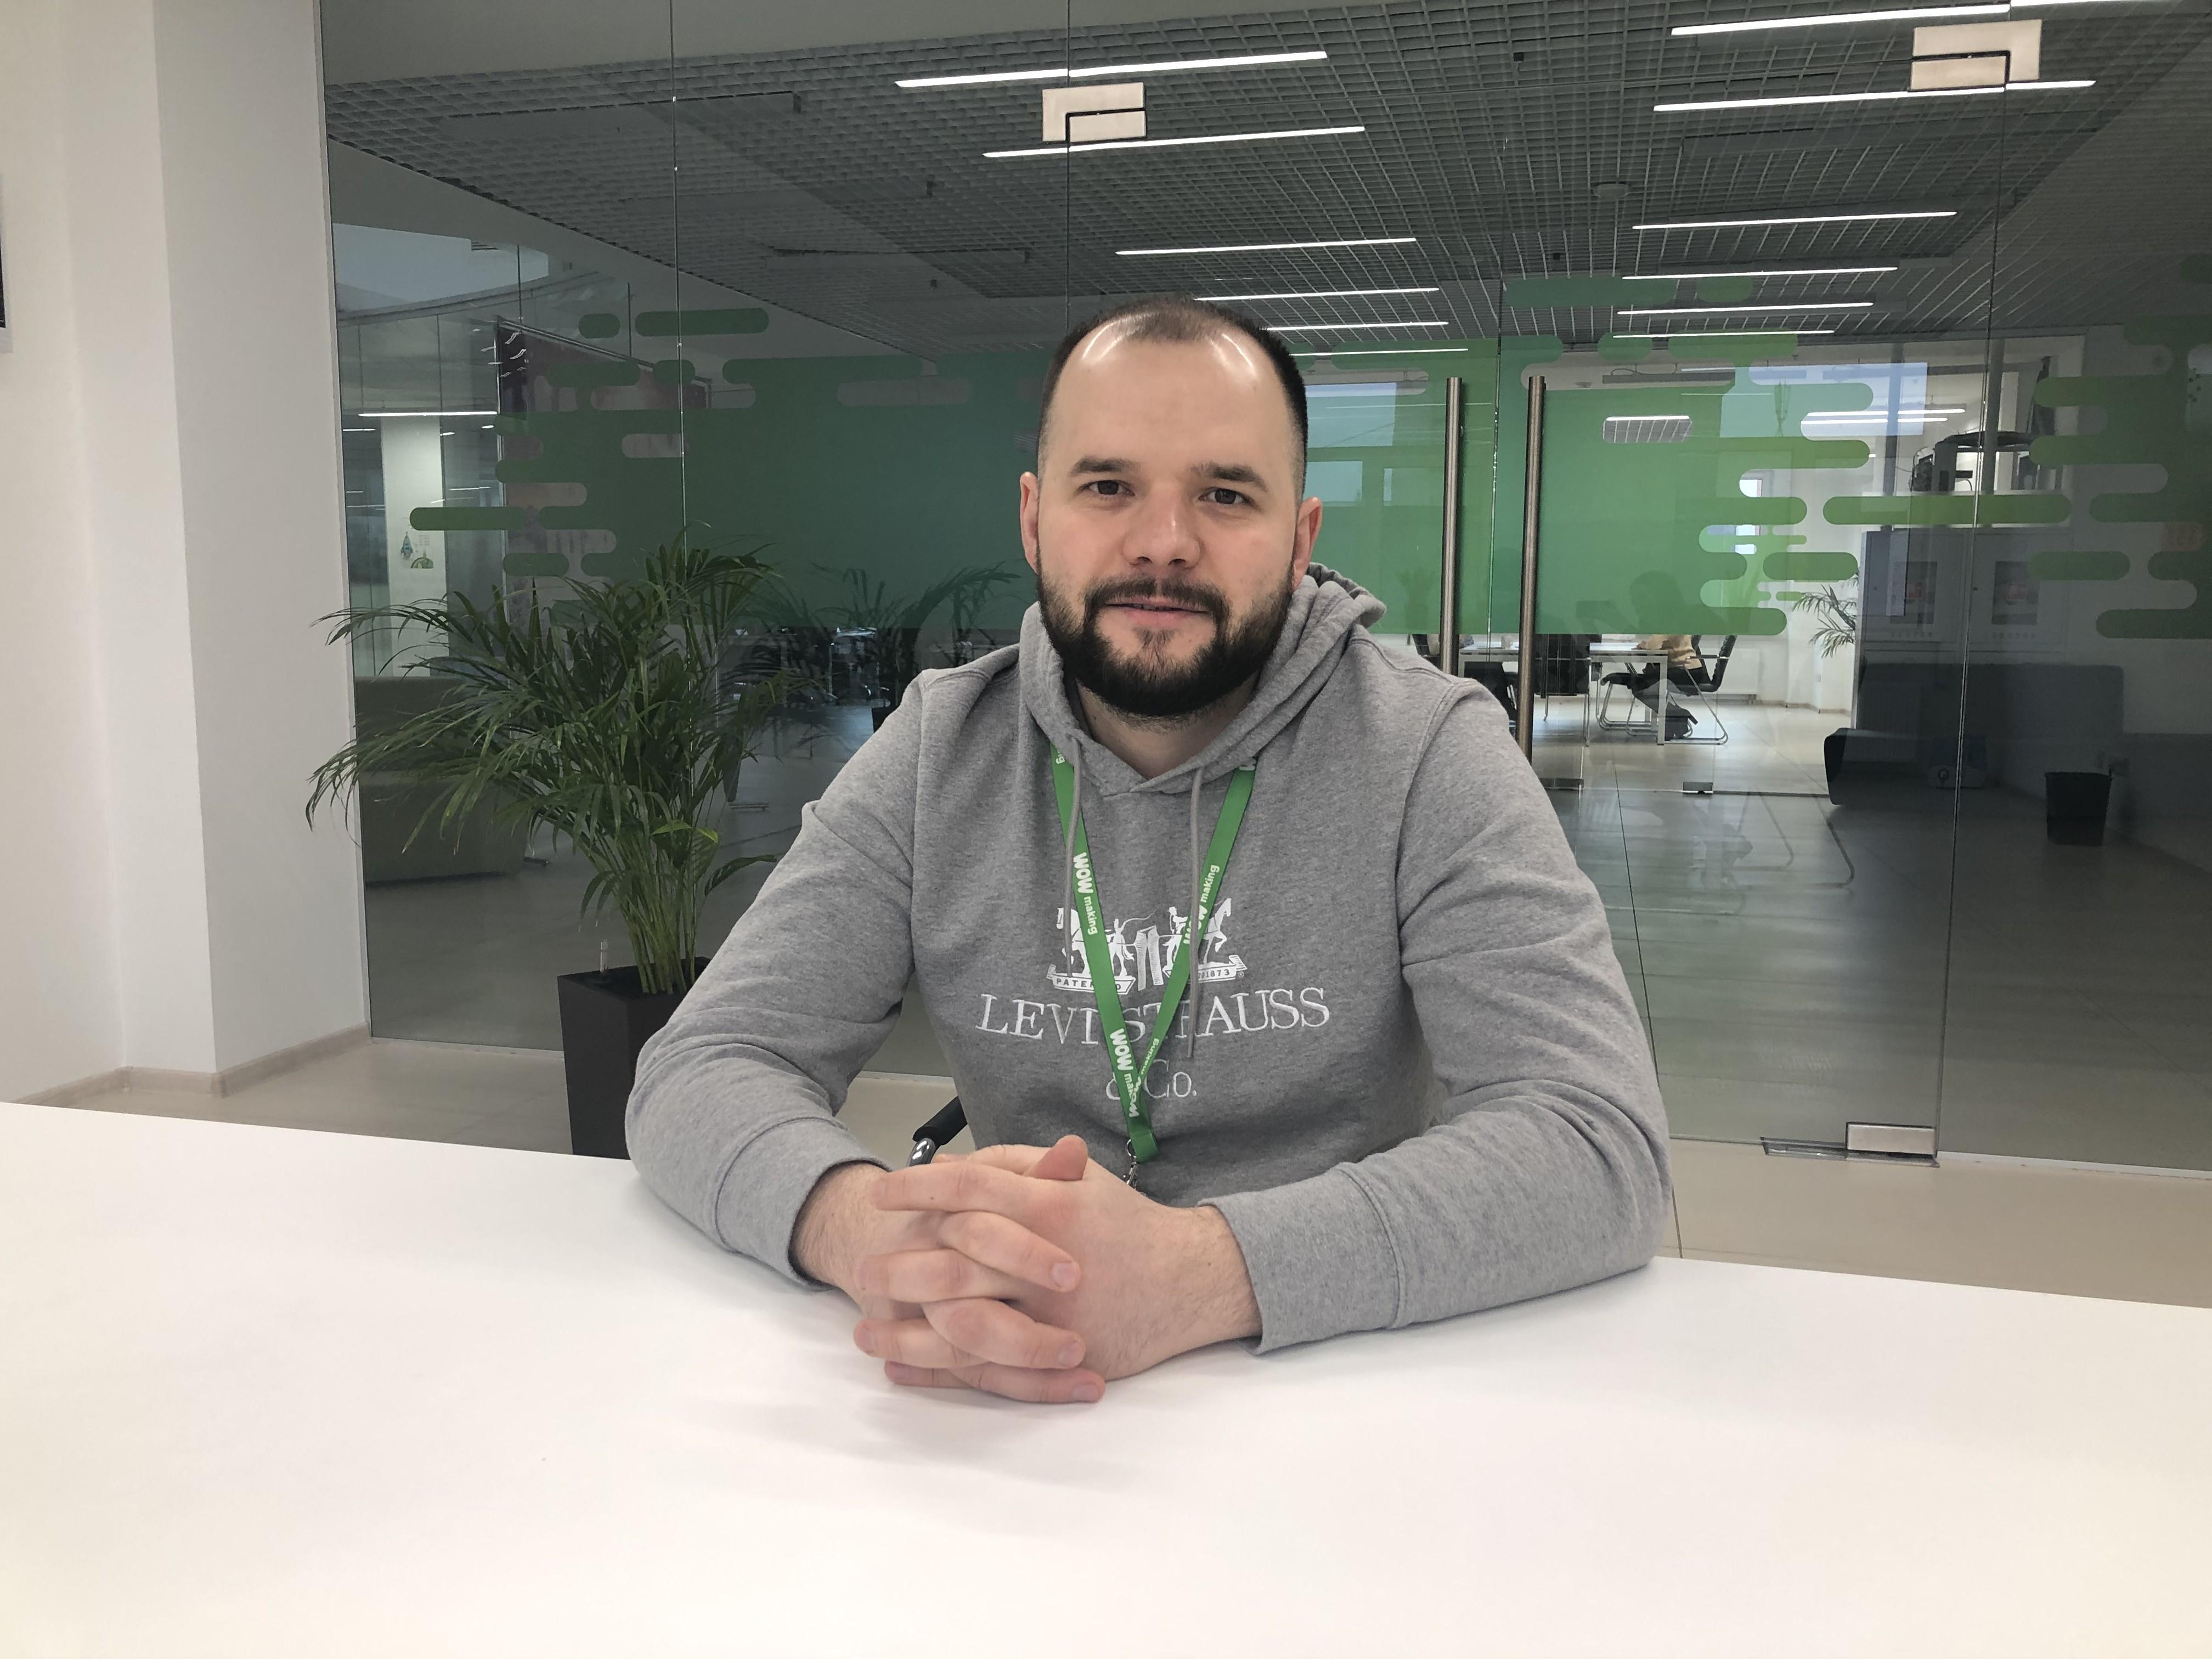 Войти в ИТ: профессия back-end developer